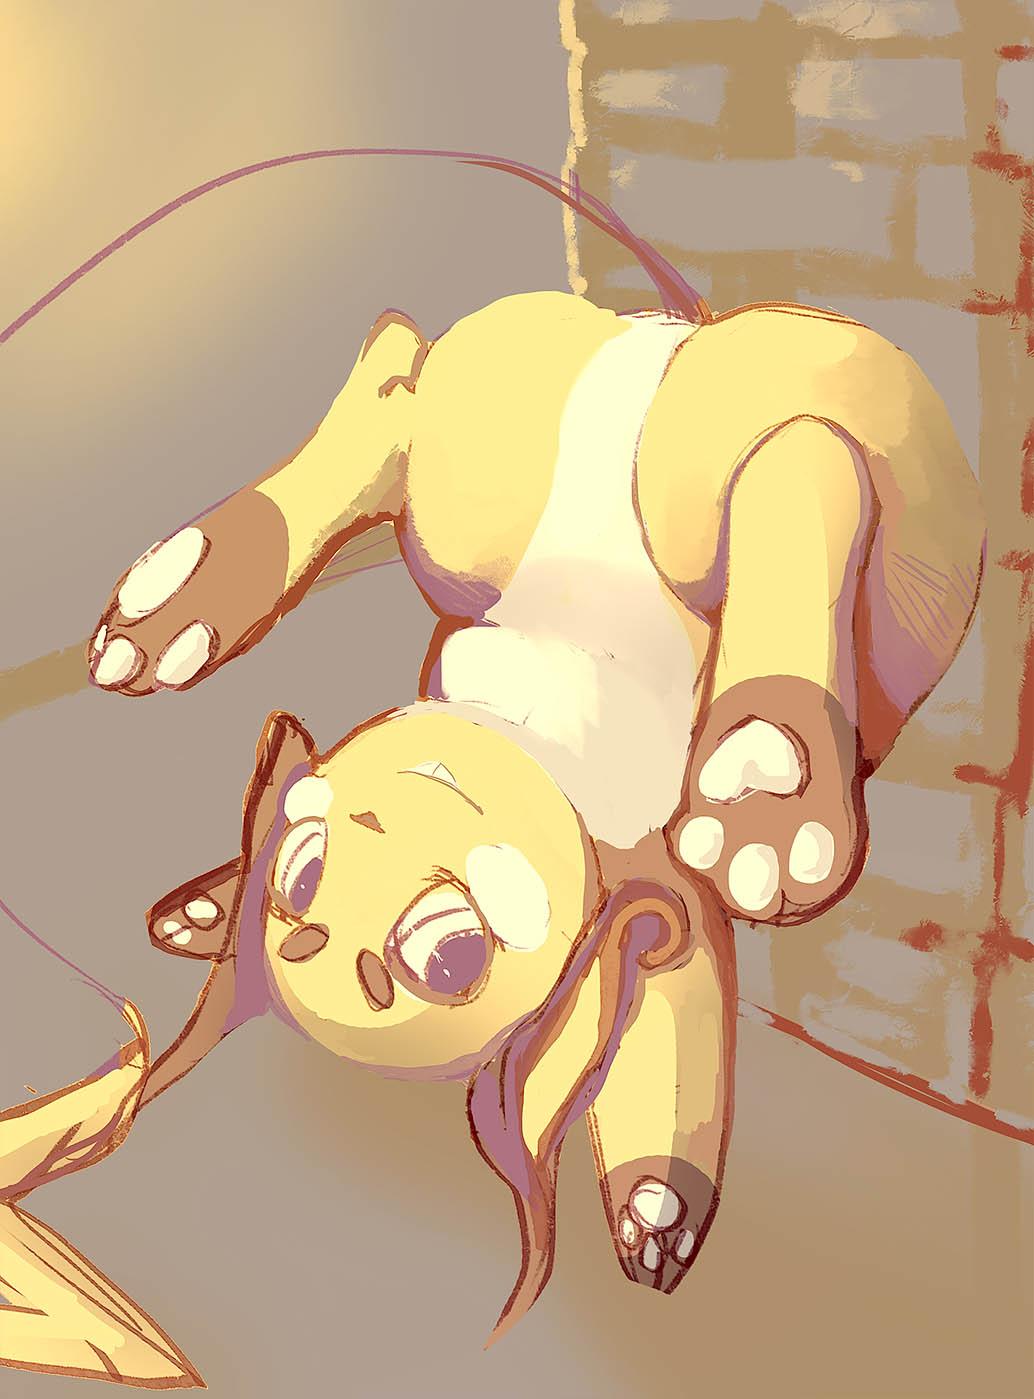 Pokémon-Zeichnung: Einreichung 30920